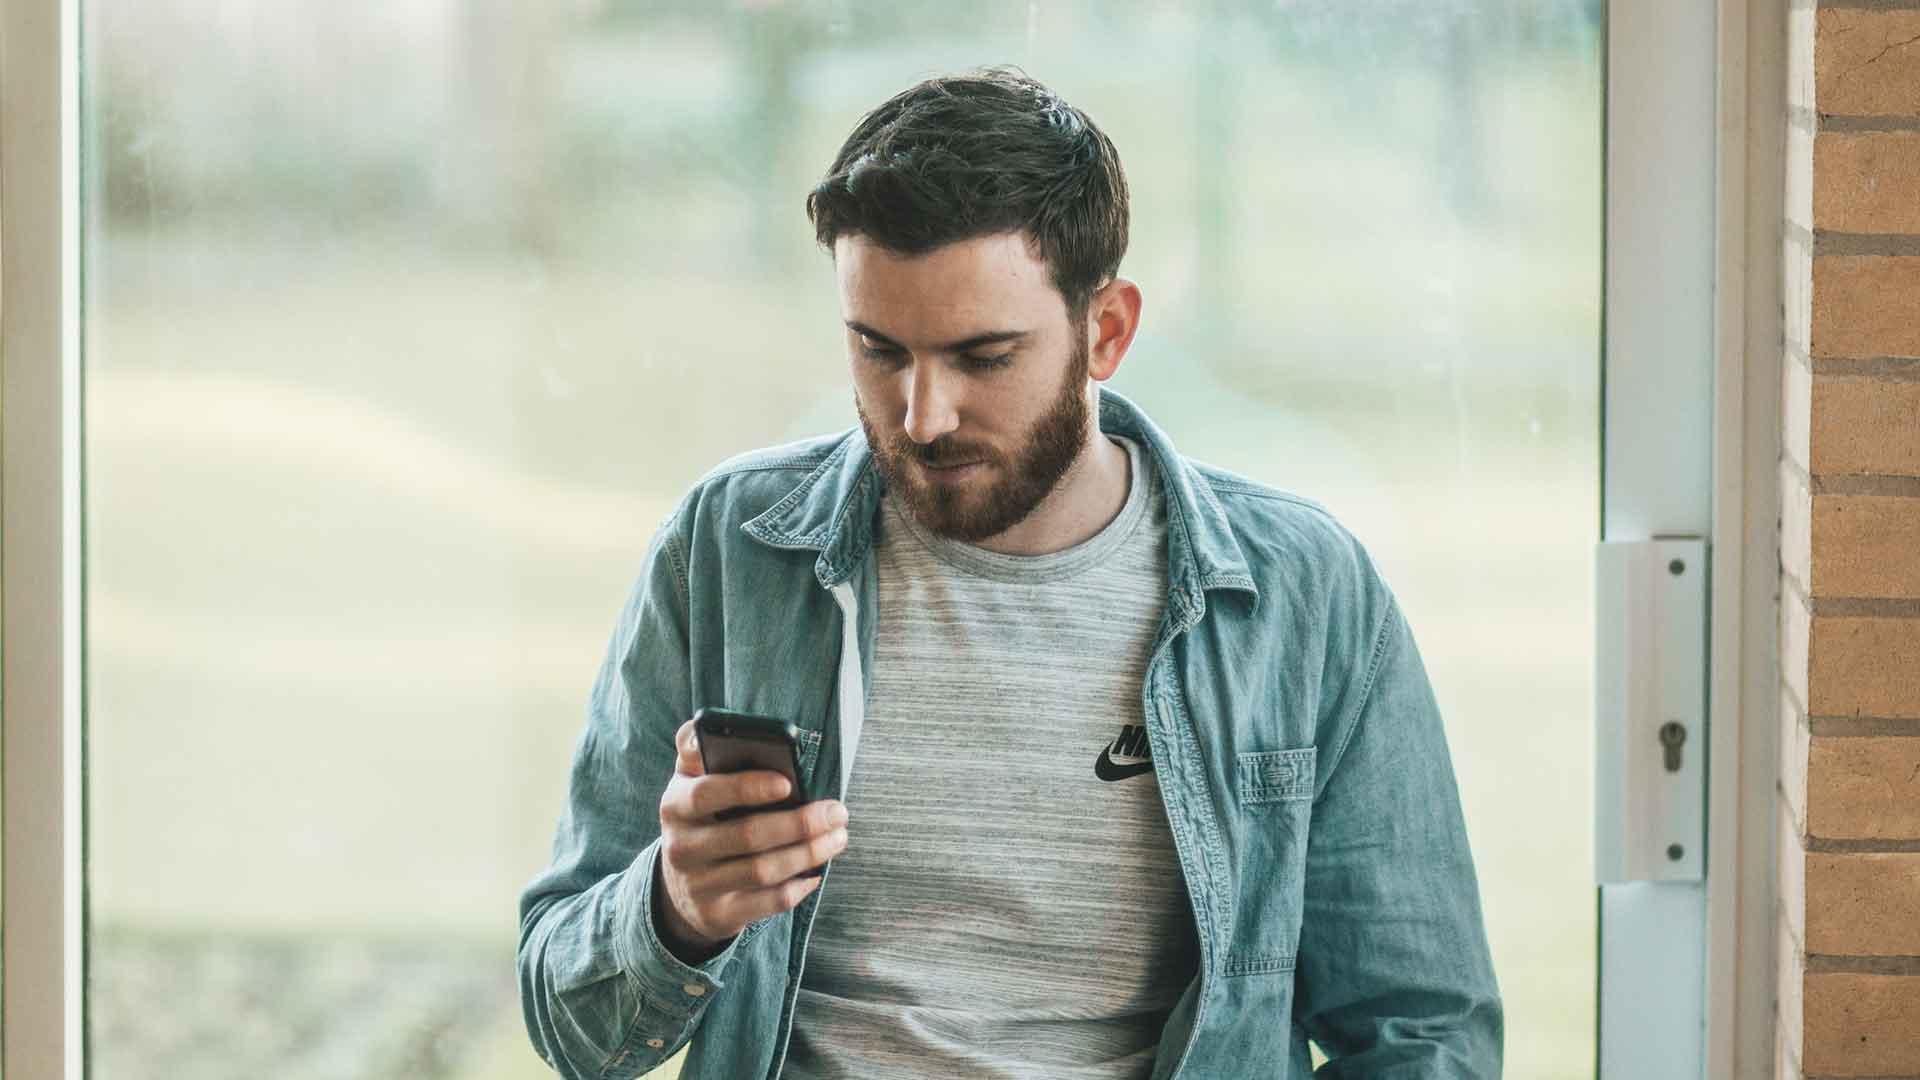 Mann im Anzug mit Smartphone in der Hand